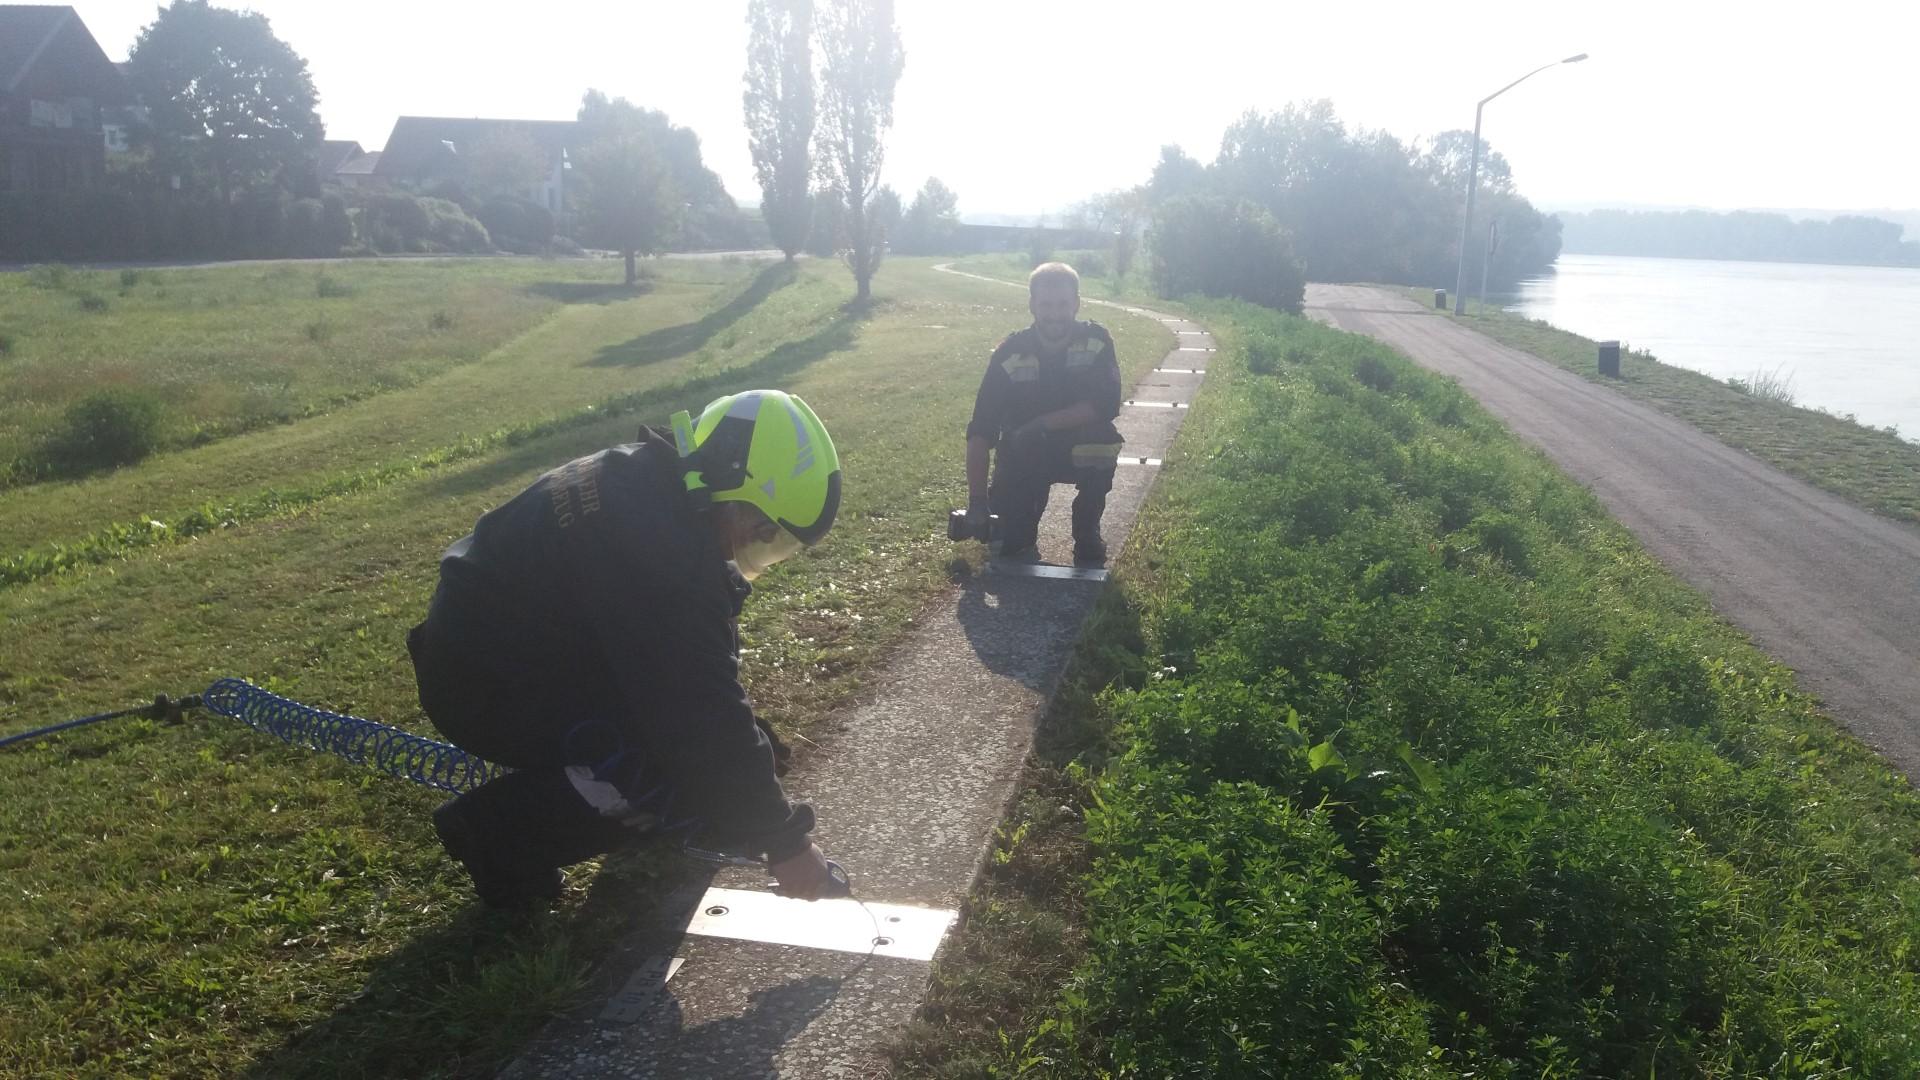 2017.09.29-30 Vollaufbau Hochwasserschutz (10) (Large)